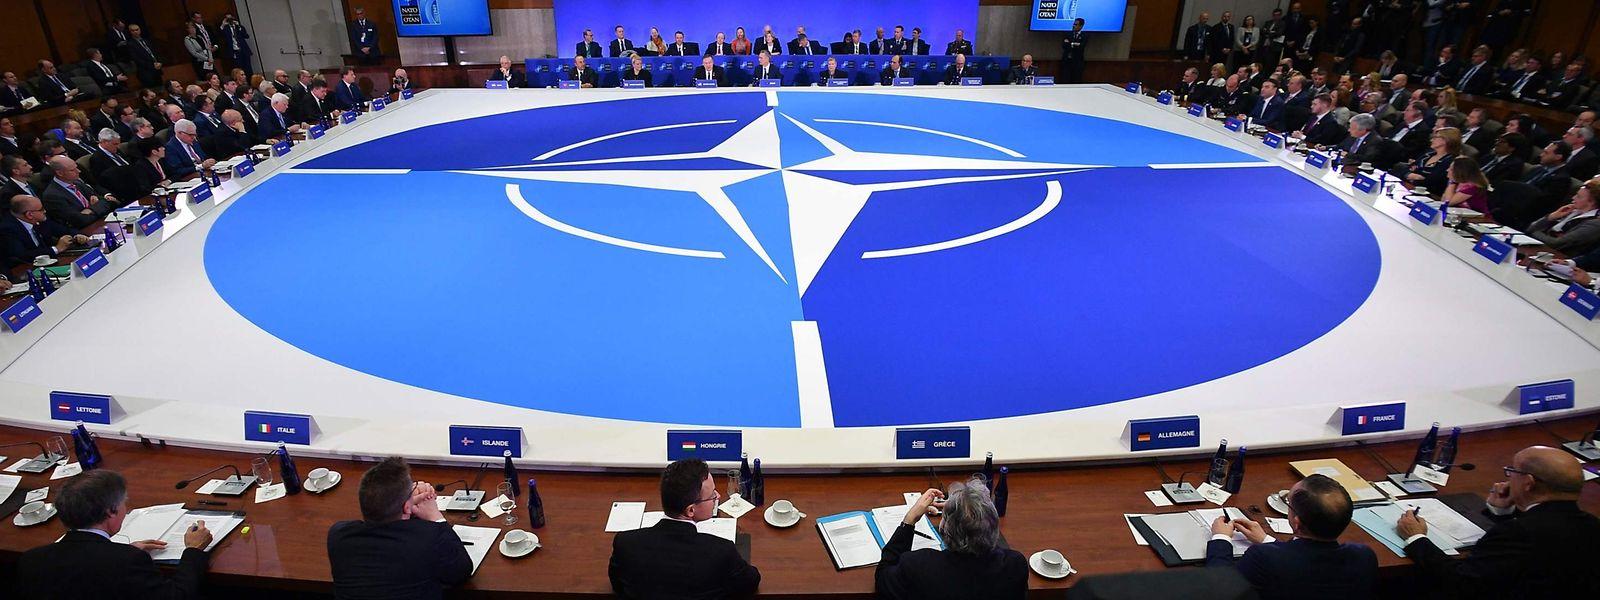 Die Nato feierte am 4. Aril 70-jähriges Bestehen.